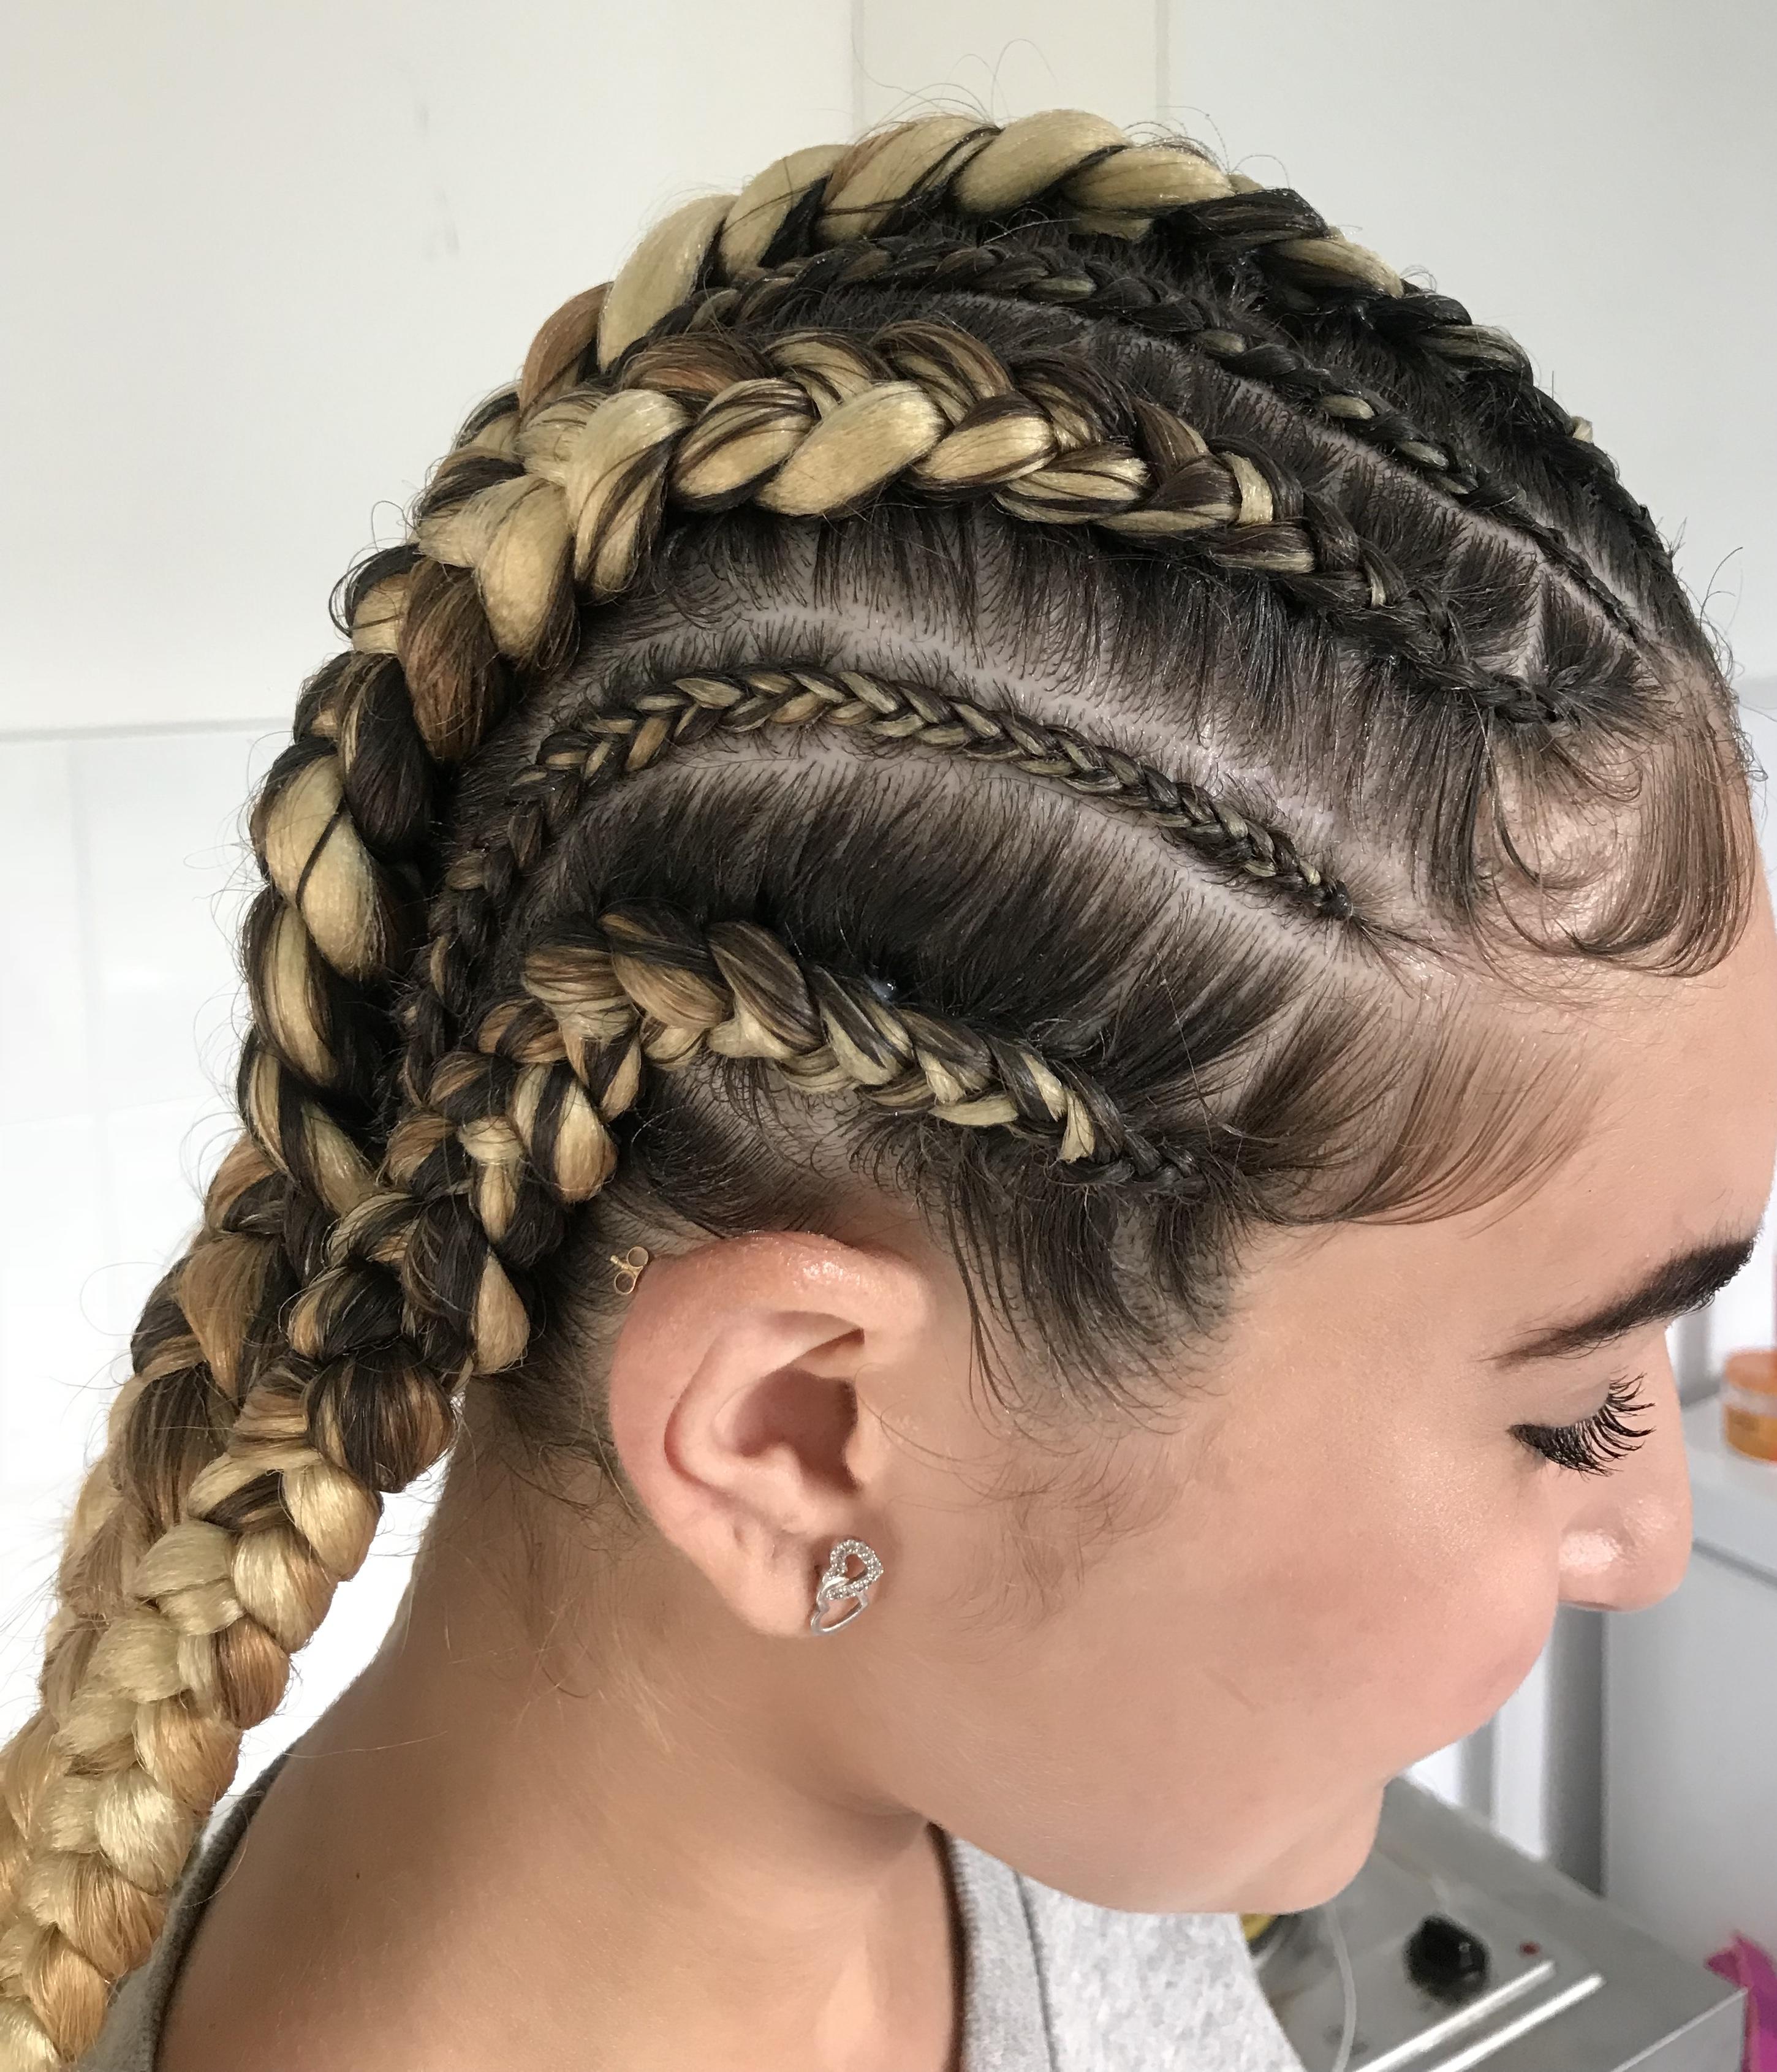 salon de coiffure afro tresse tresses box braids crochet braids vanilles tissages paris 75 77 78 91 92 93 94 95 CGWTGQDO